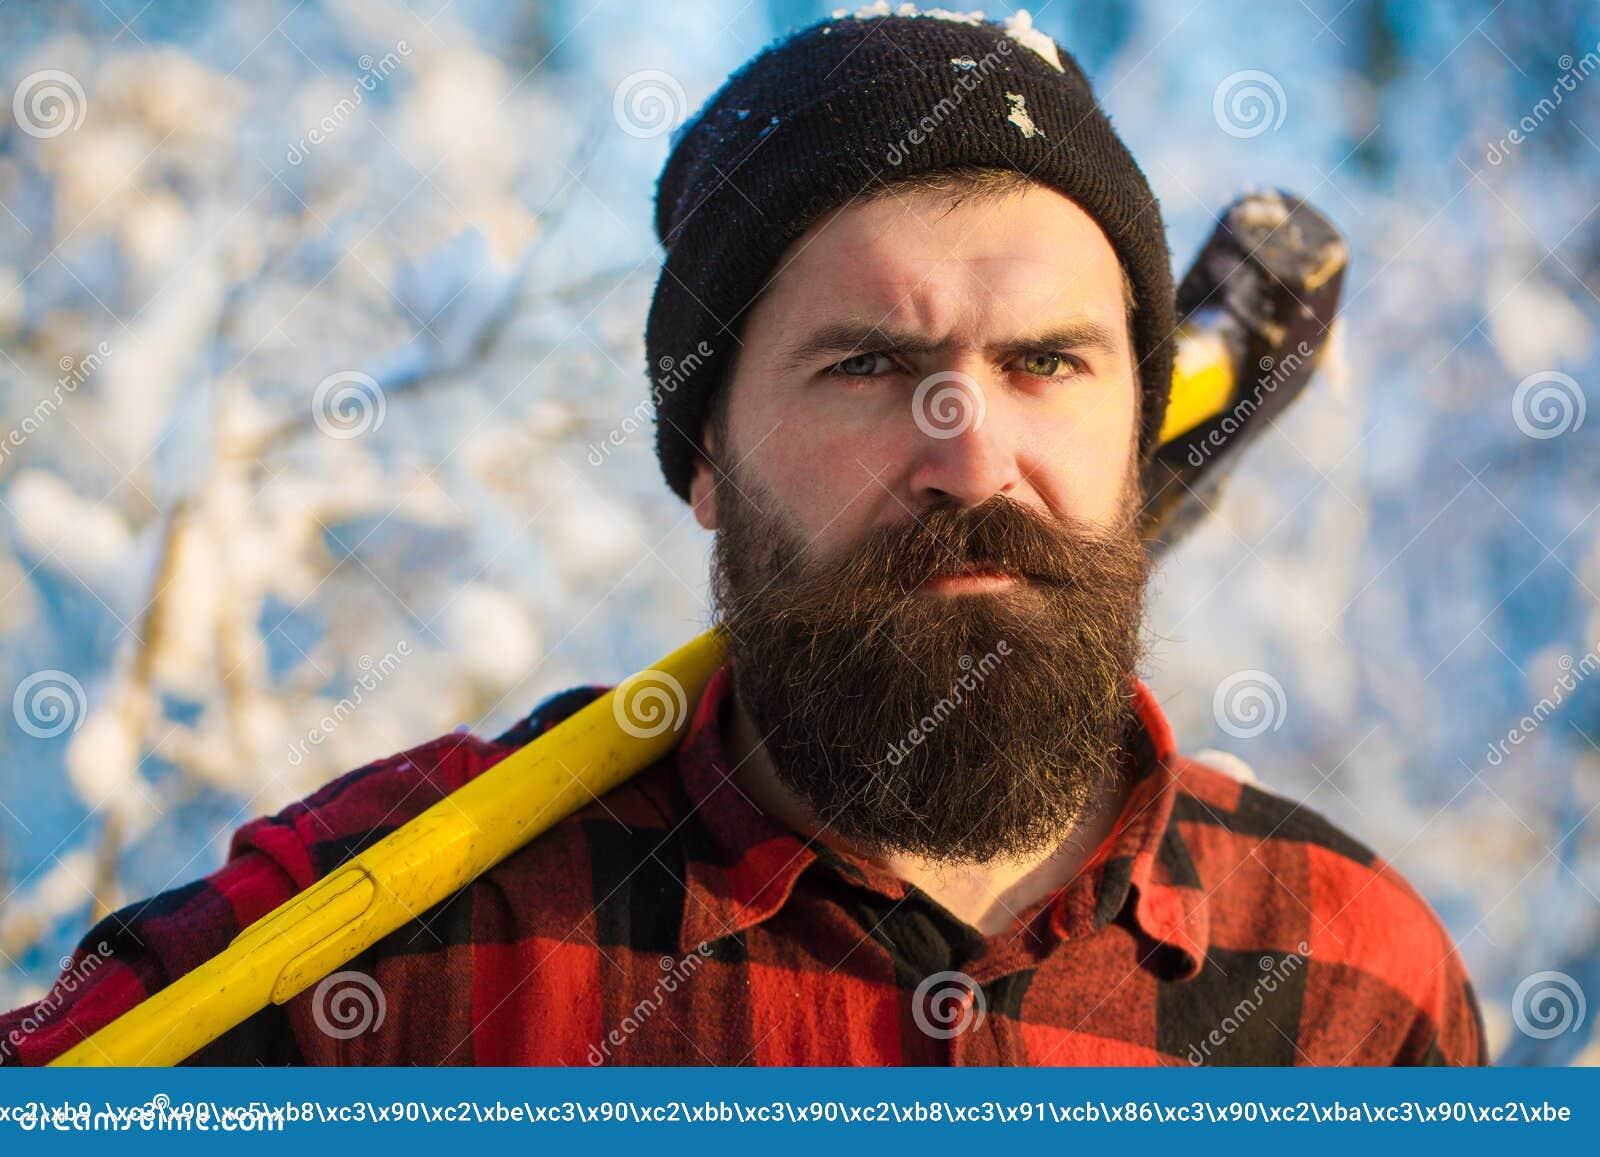 Skogsarbetare i träna med en yxa Brutal skäggig man med skägget och mustasch på vinterdag, stilig snöig skog